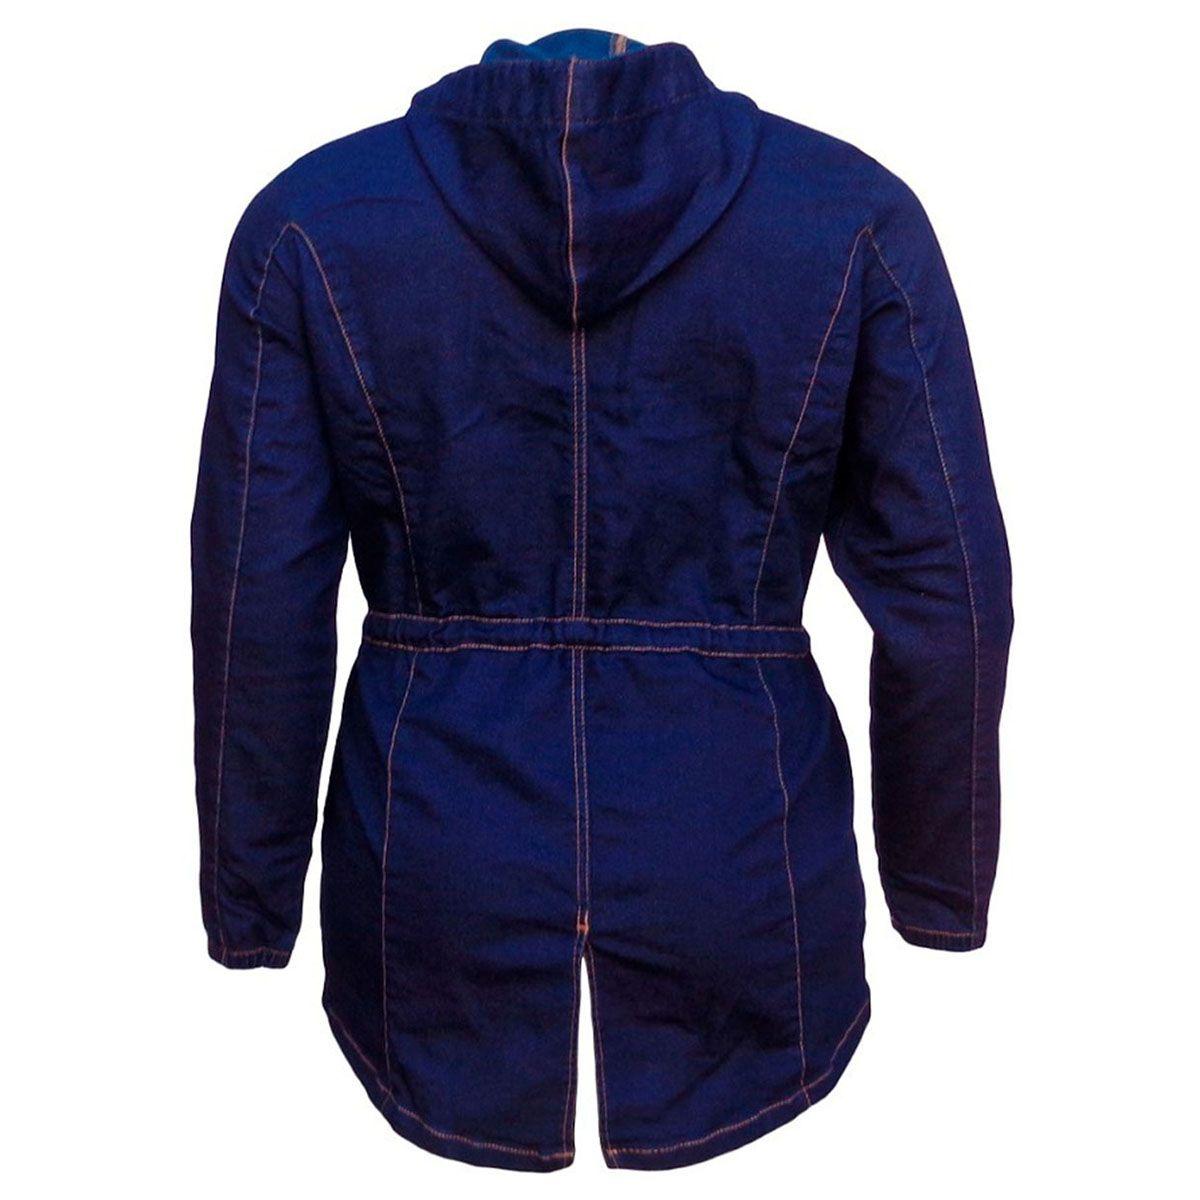 Parka Jeans Malha Denim Feminina C/ Capuz Plus Size